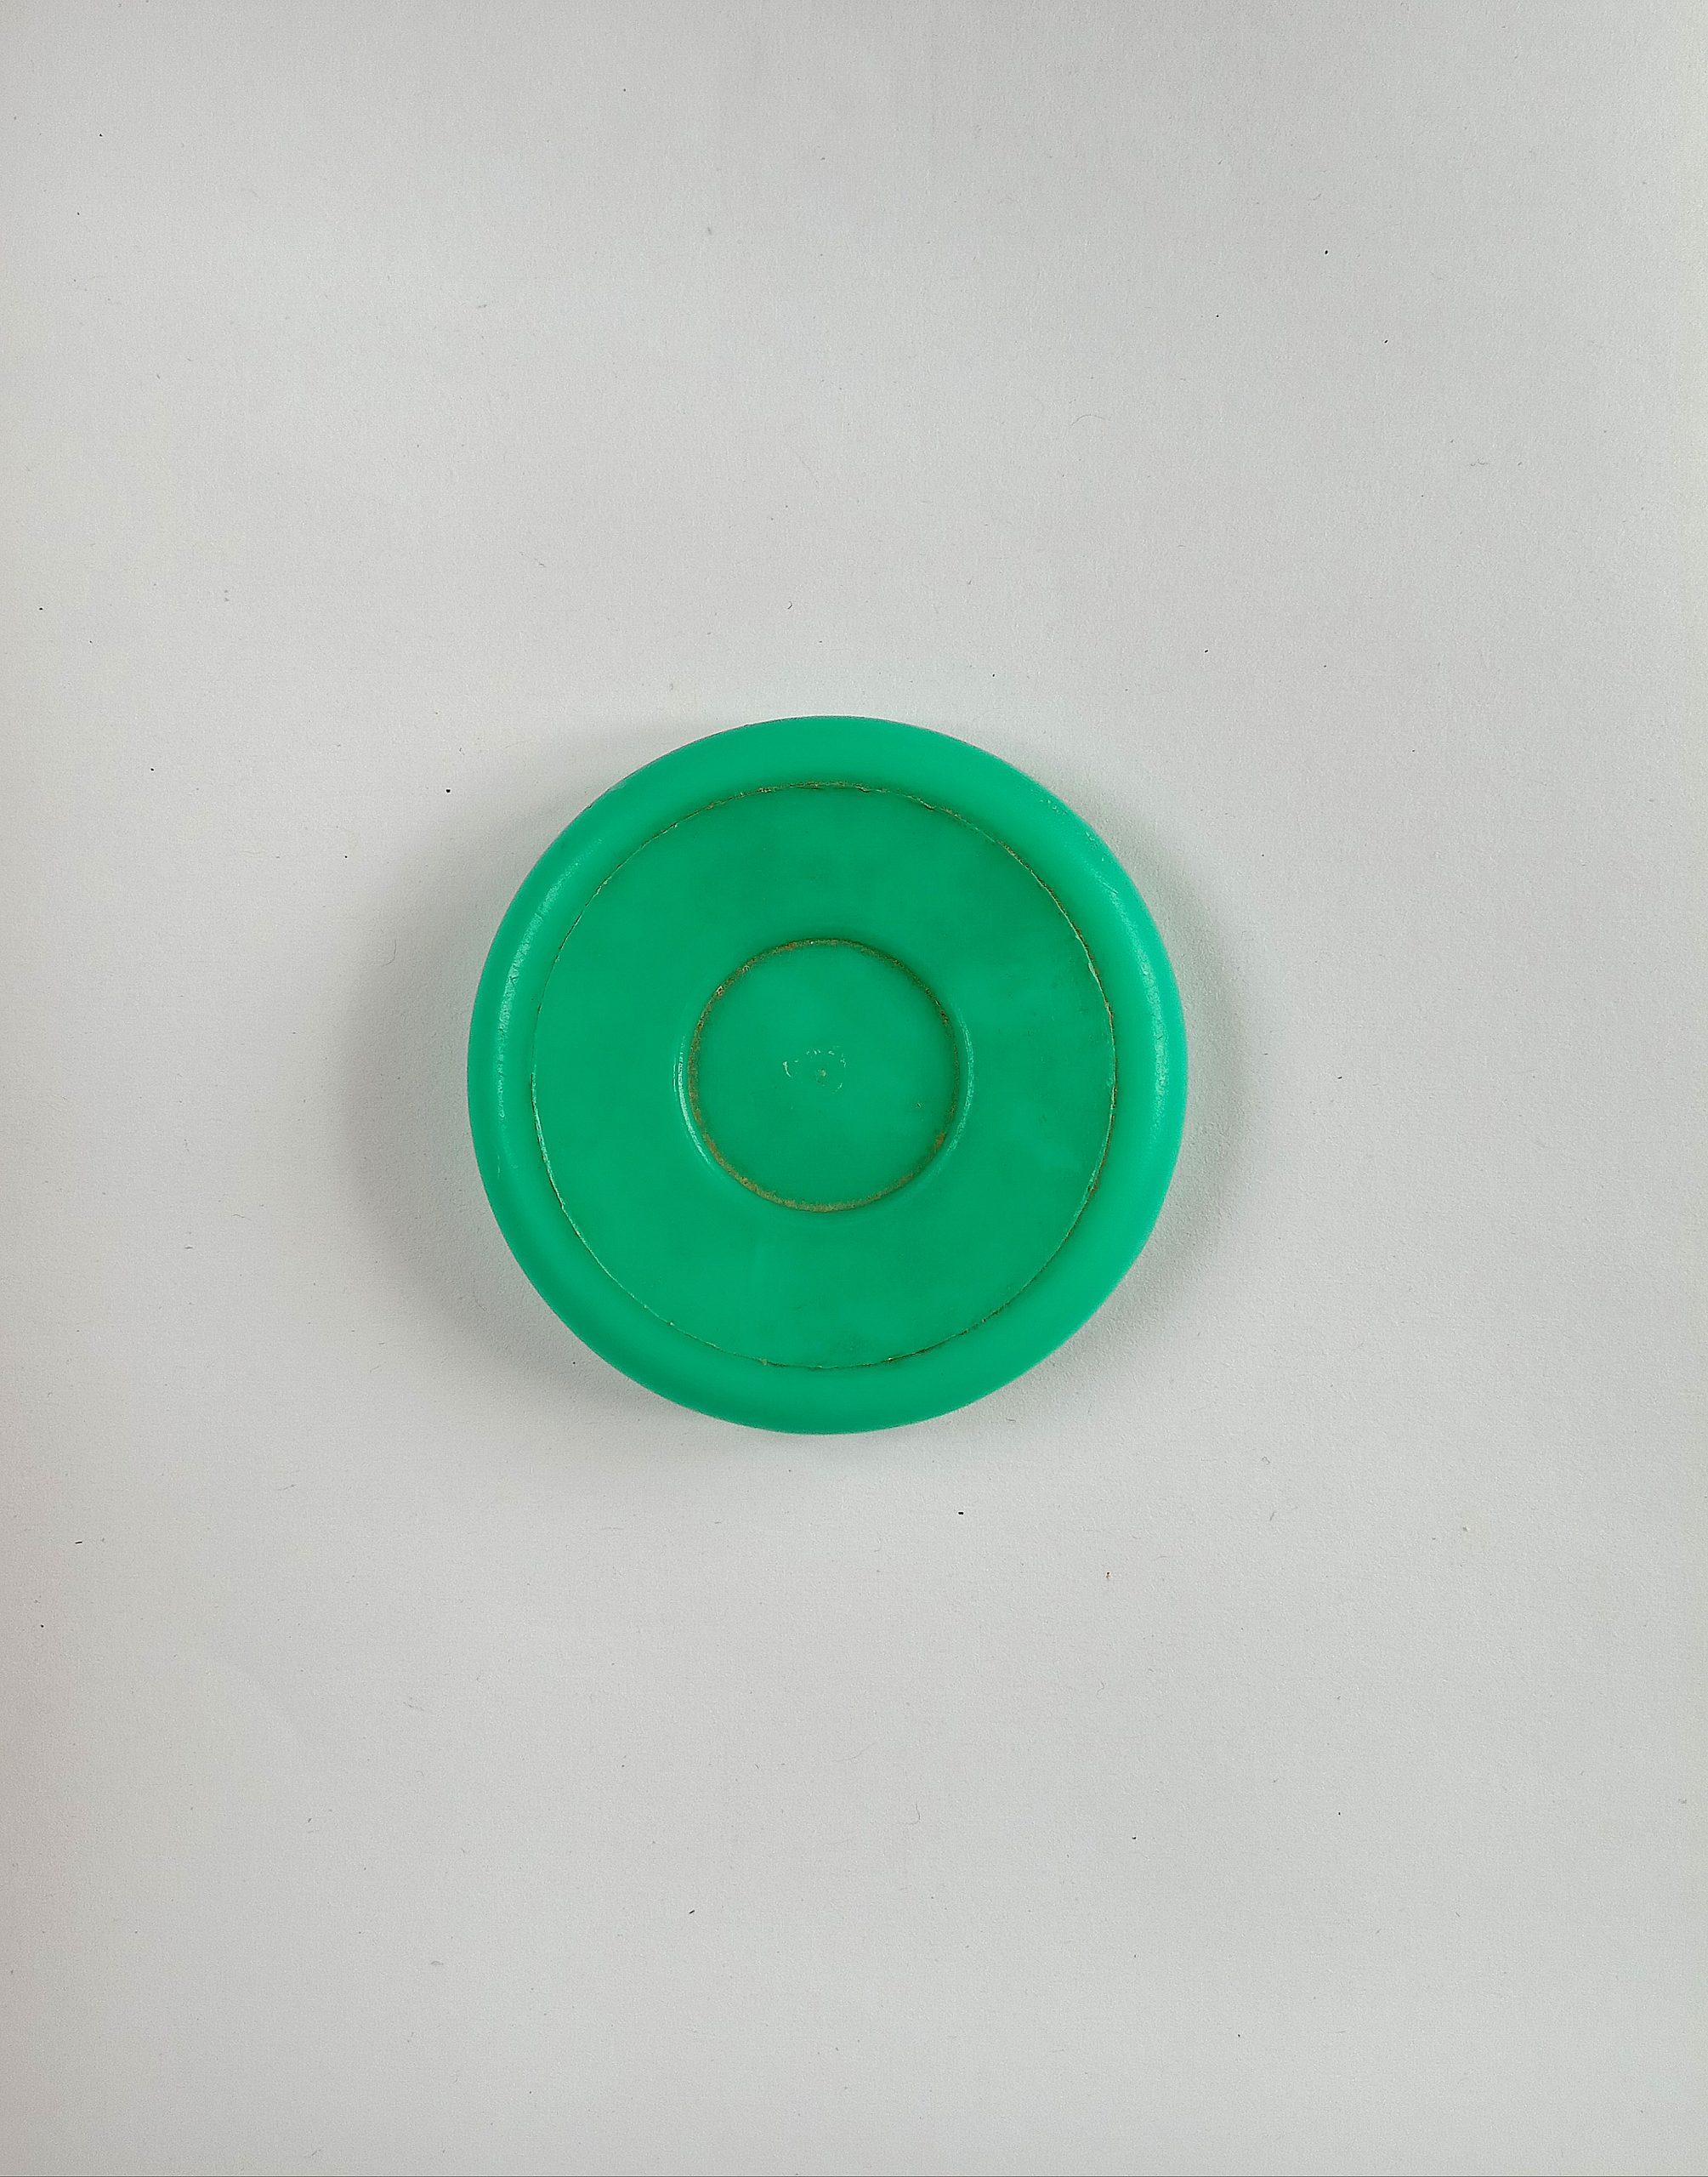 A plastic cap